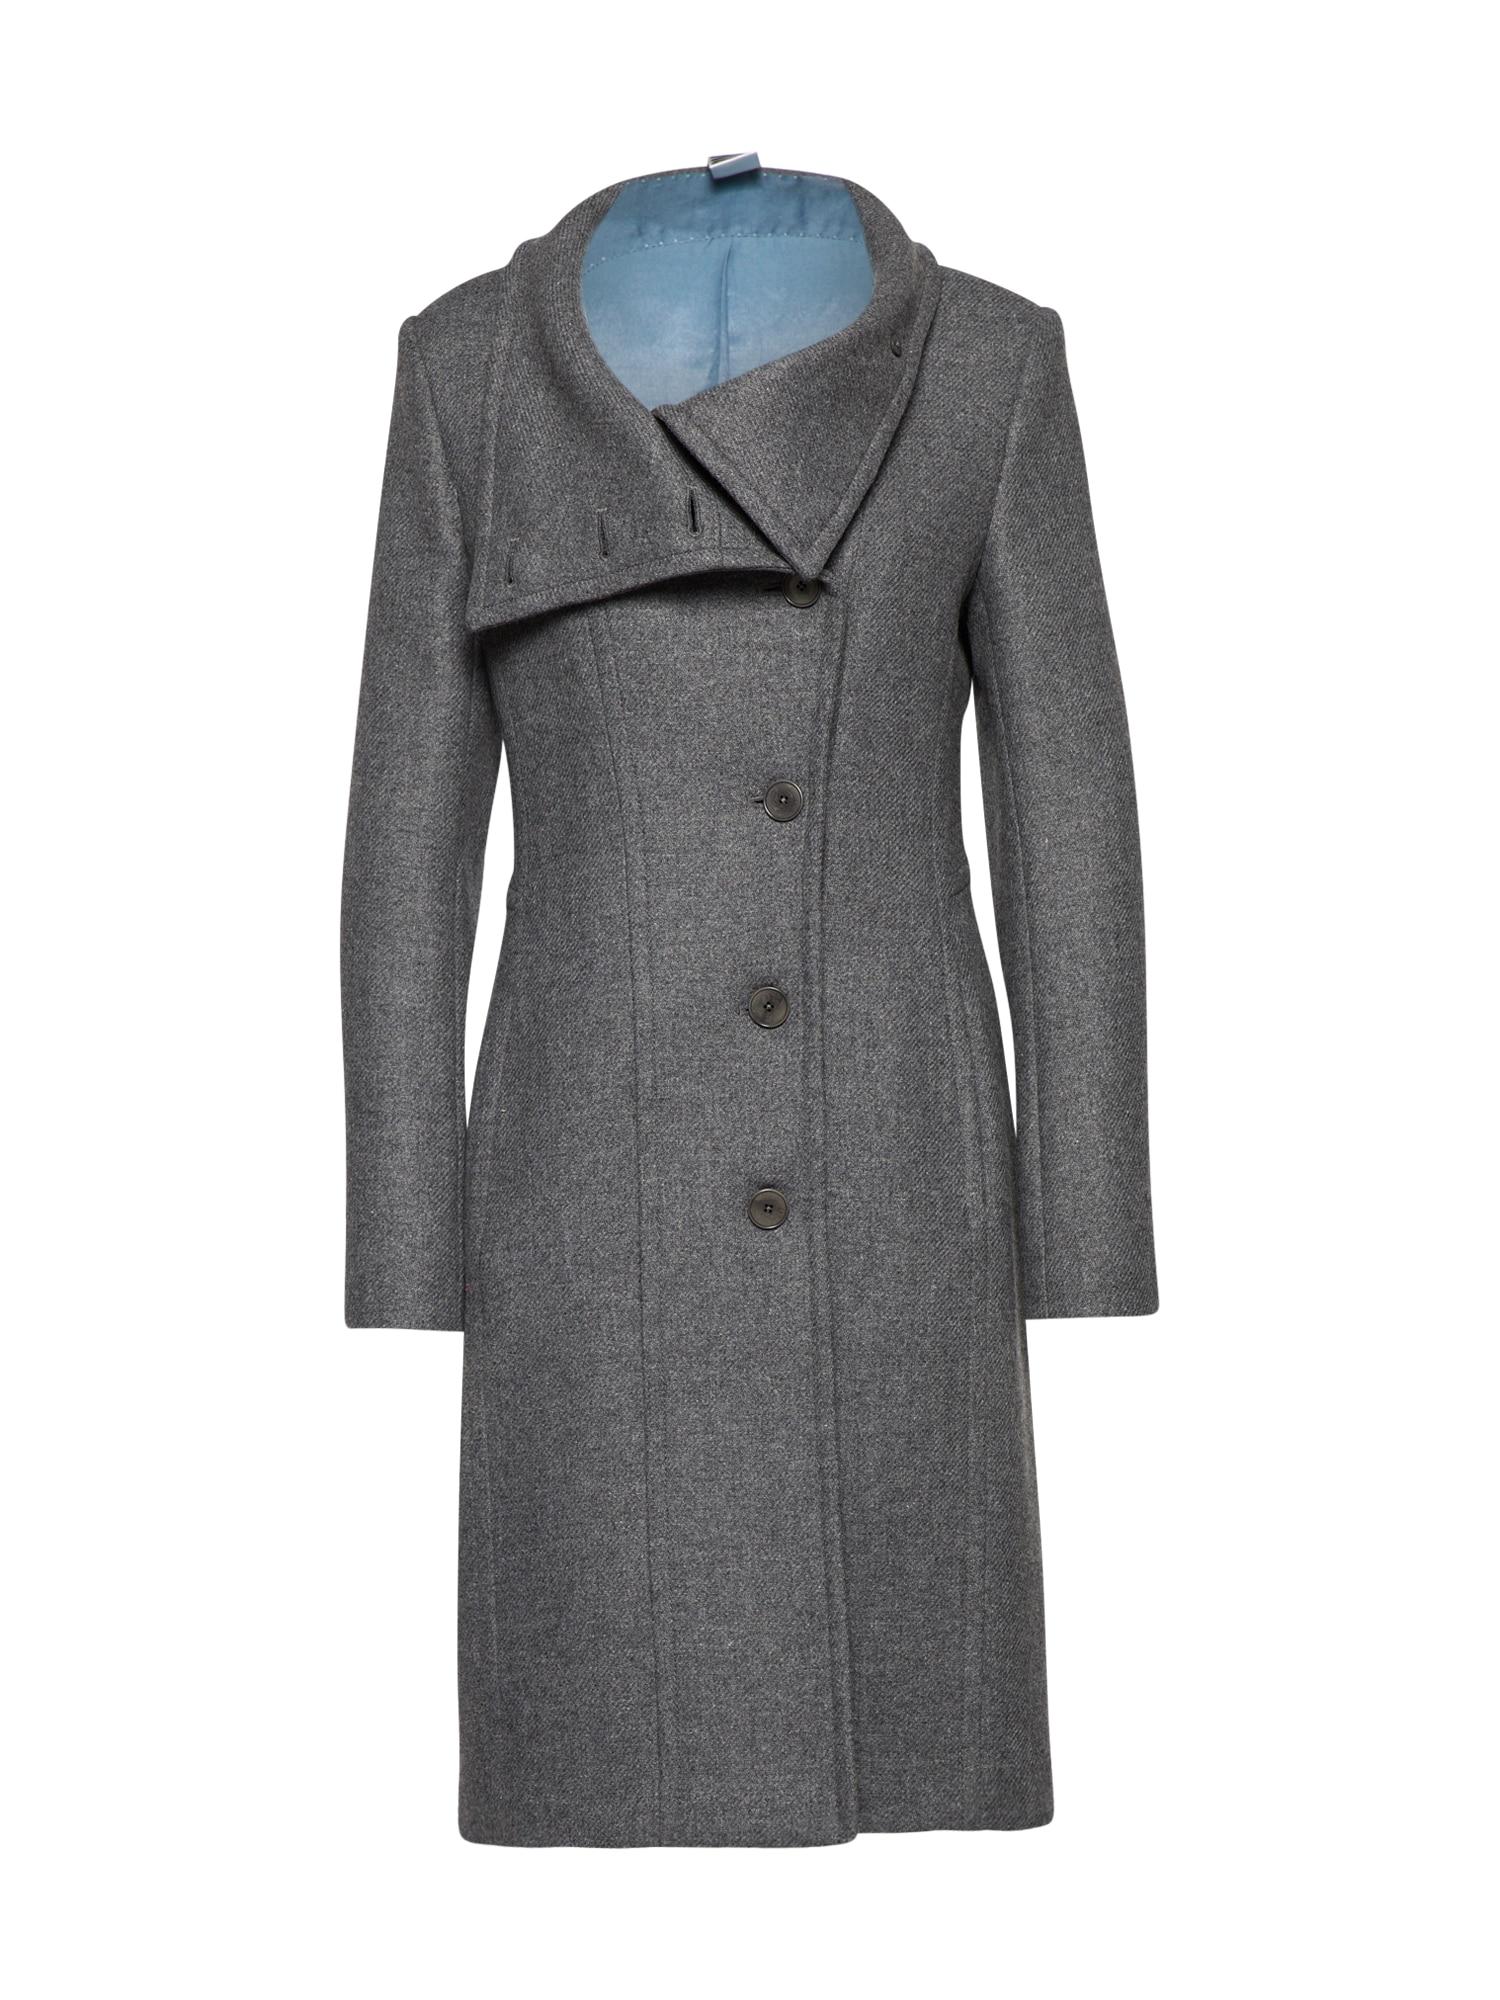 Přechodný kabát REDDITCH_2 85206 tmavě šedá DRYKORN